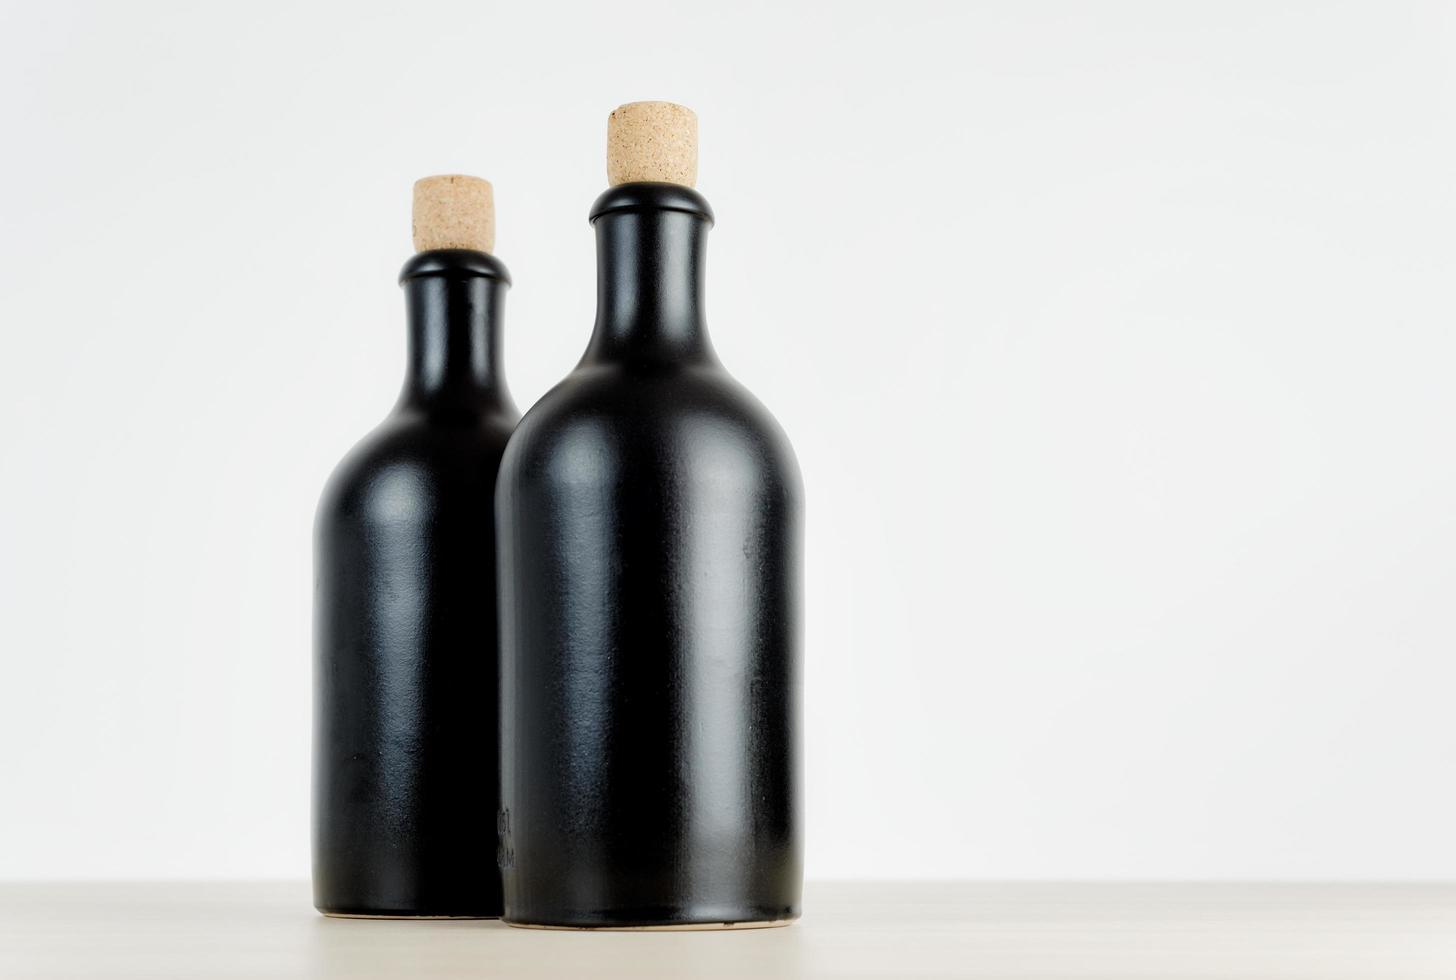 deux bouteilles vides sur une table photo